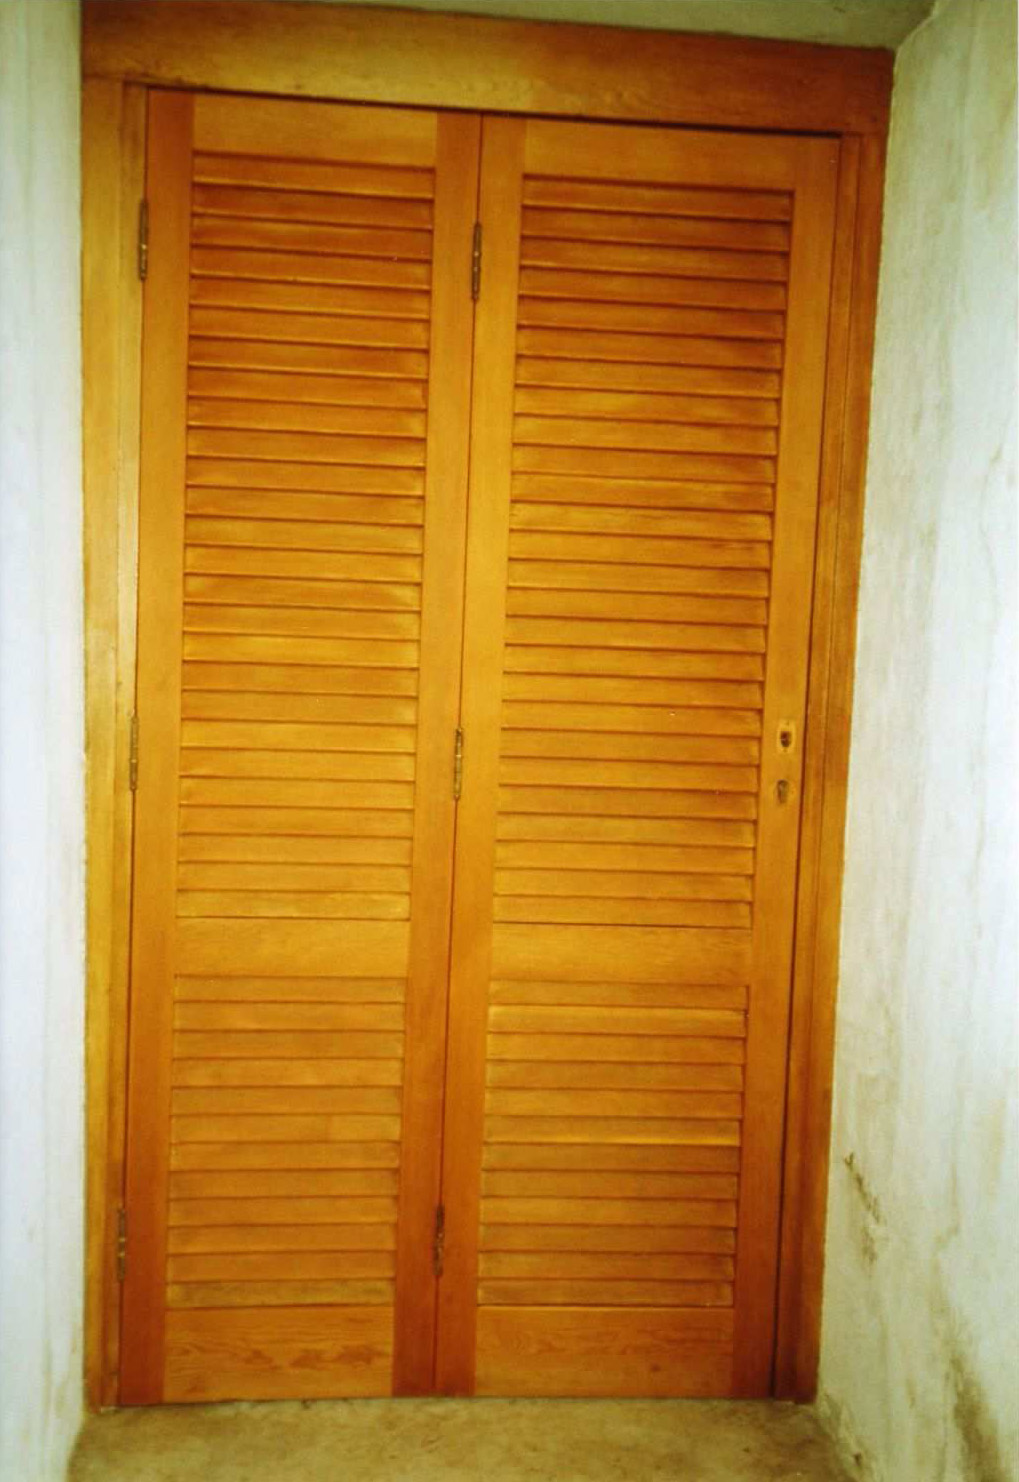 Restauro infissi in legno pisa grosseto arezzo firenze prato nino guidi pisa - Restauro finestre in legno ...